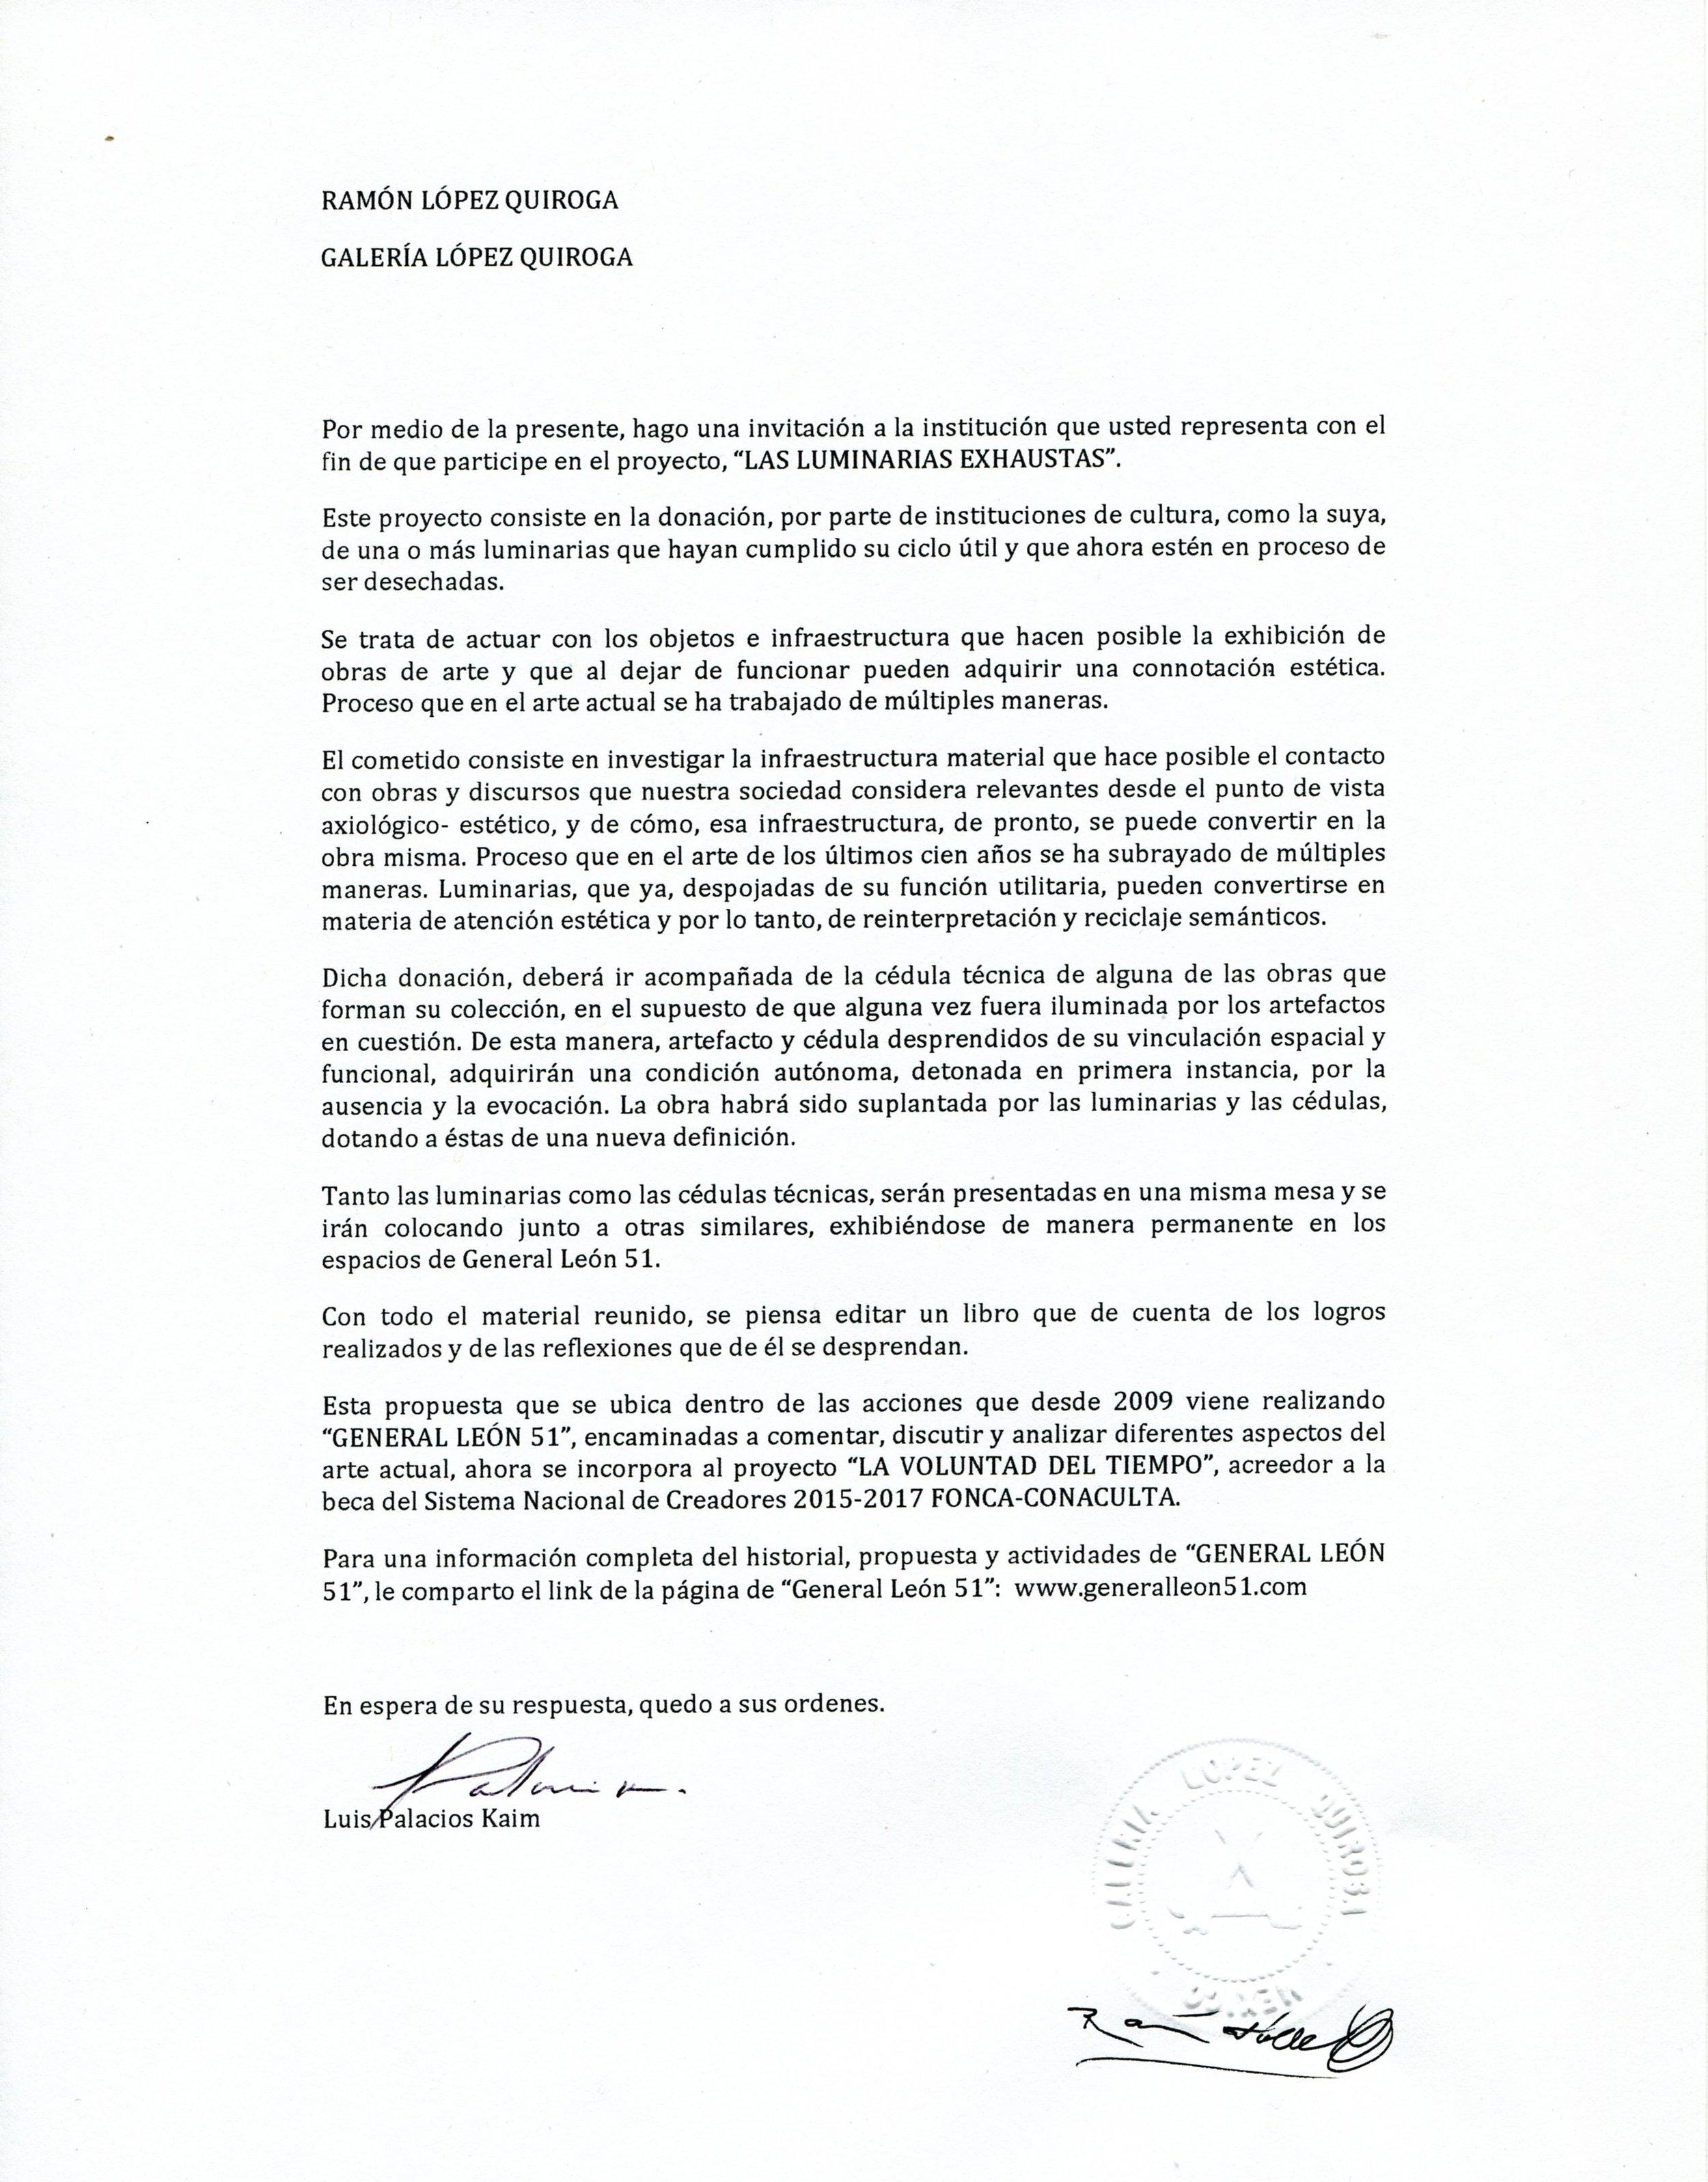 Carta_ Galeria Lopez Q_035.jpg